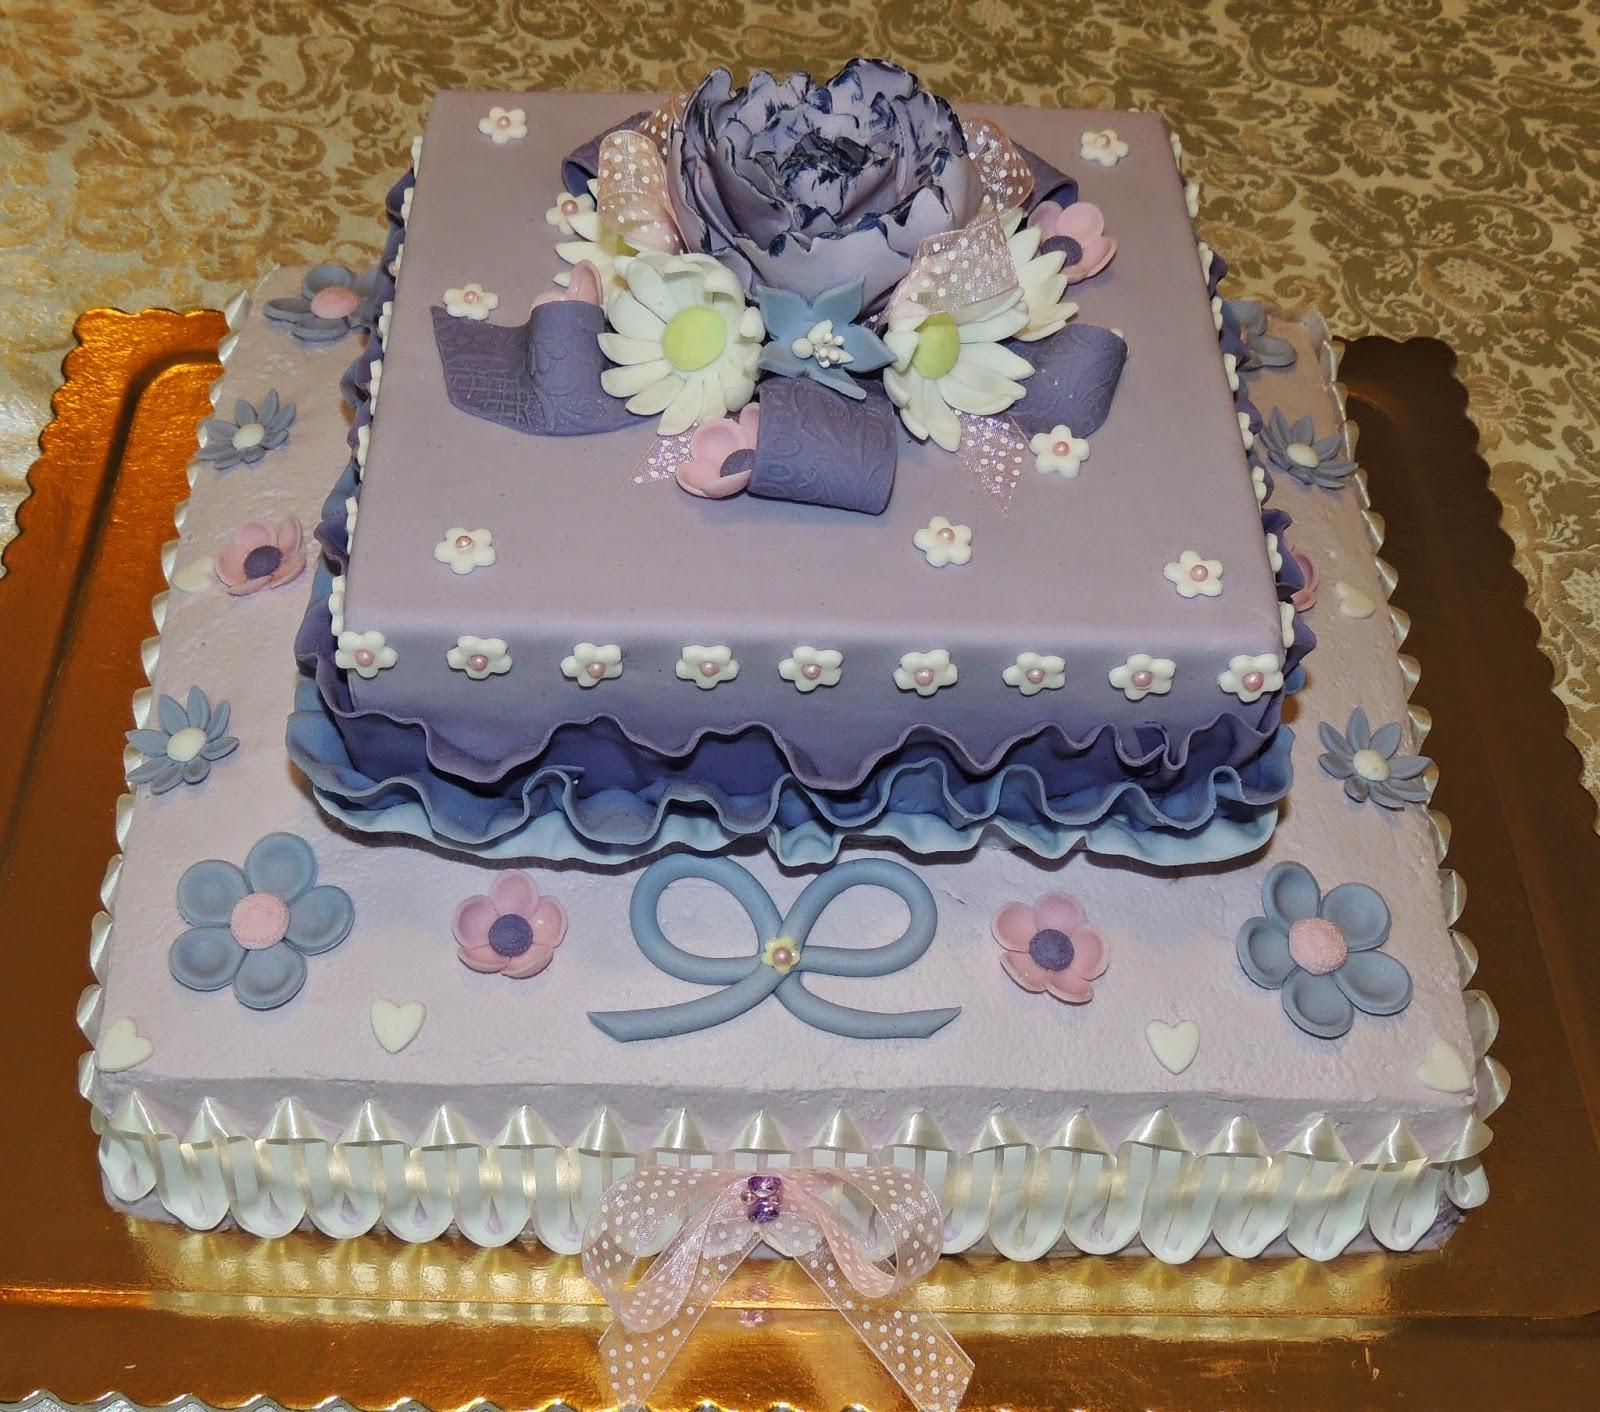 Immagini torte compleanno 40 anni for Decorazioni torte 40 anni uomo